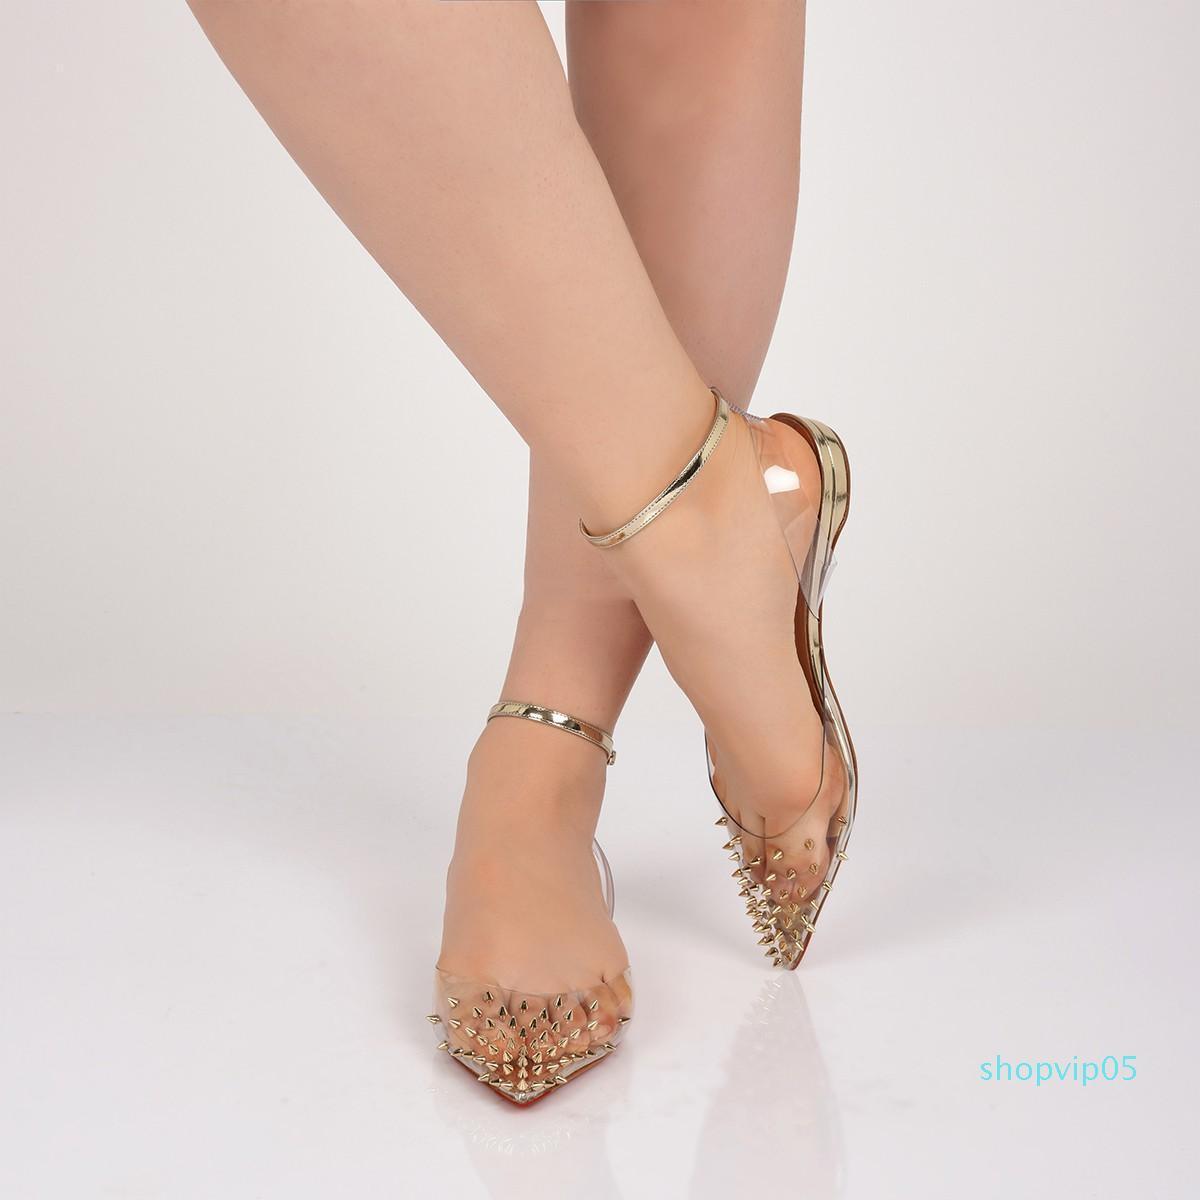 Популярные дамы Красное дно Spikoo ПВХ Спайк плоские балетки обувь высокого качества острым носом шпильки лодыжки ремень женщины прогулки квартиры